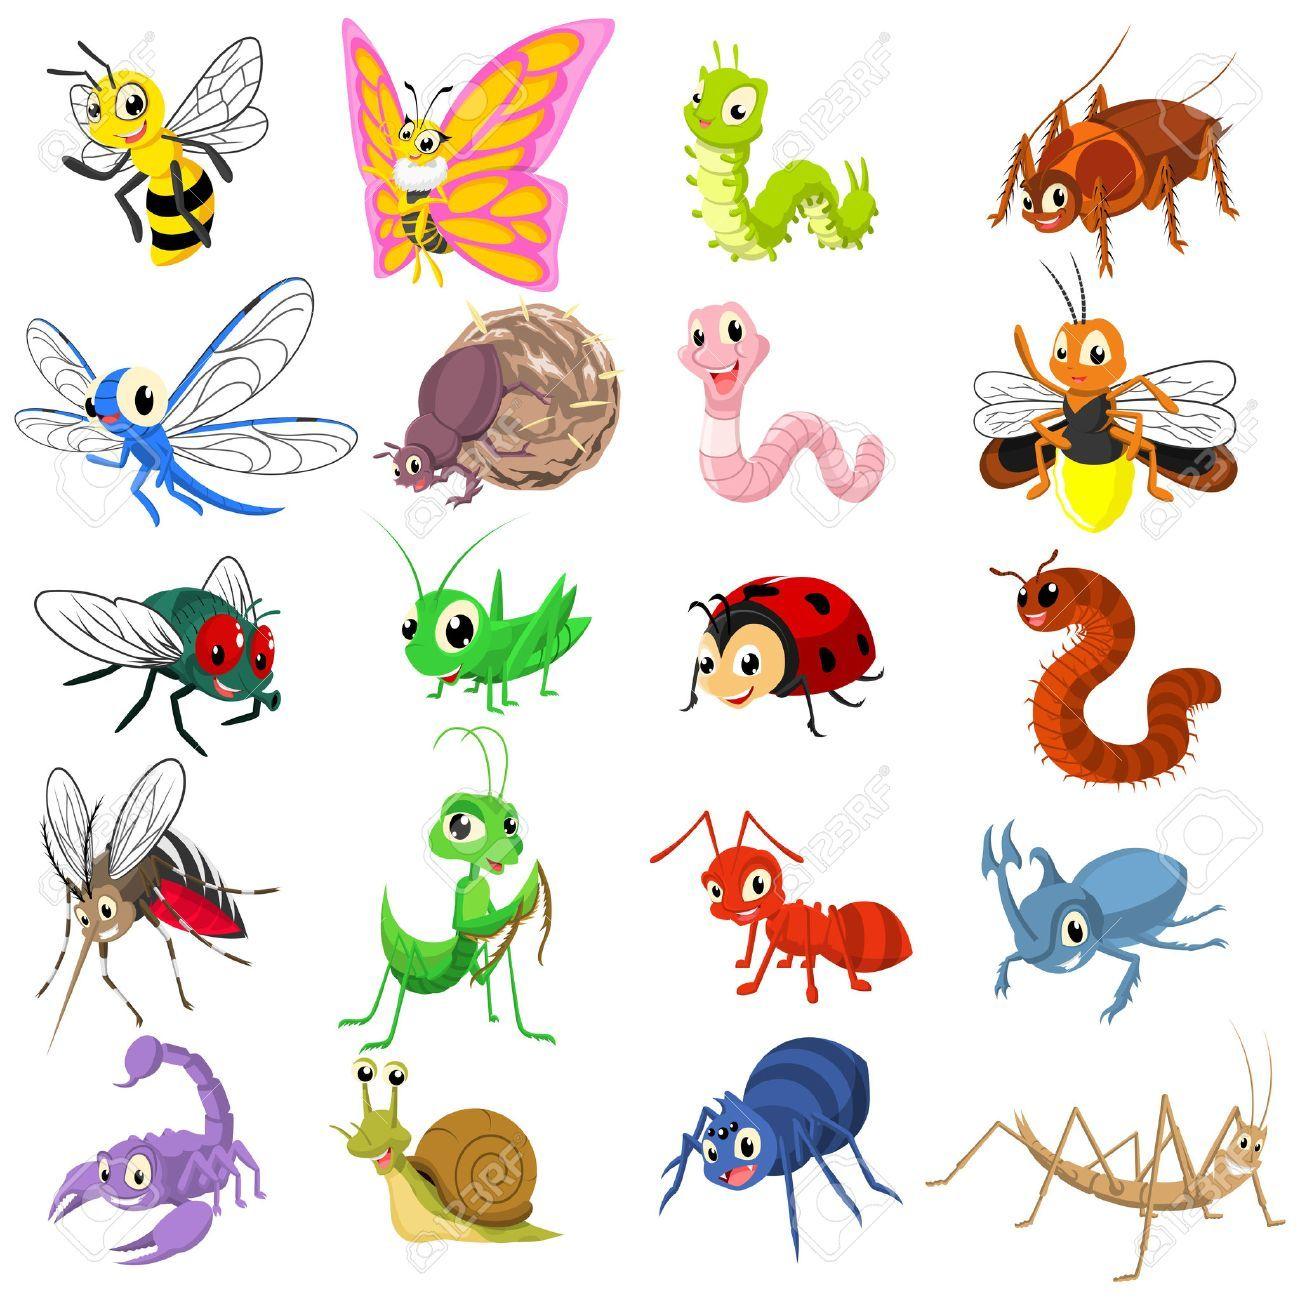 Stock Photo Insectos Animados Dibujos Y Imagenes De Insectos